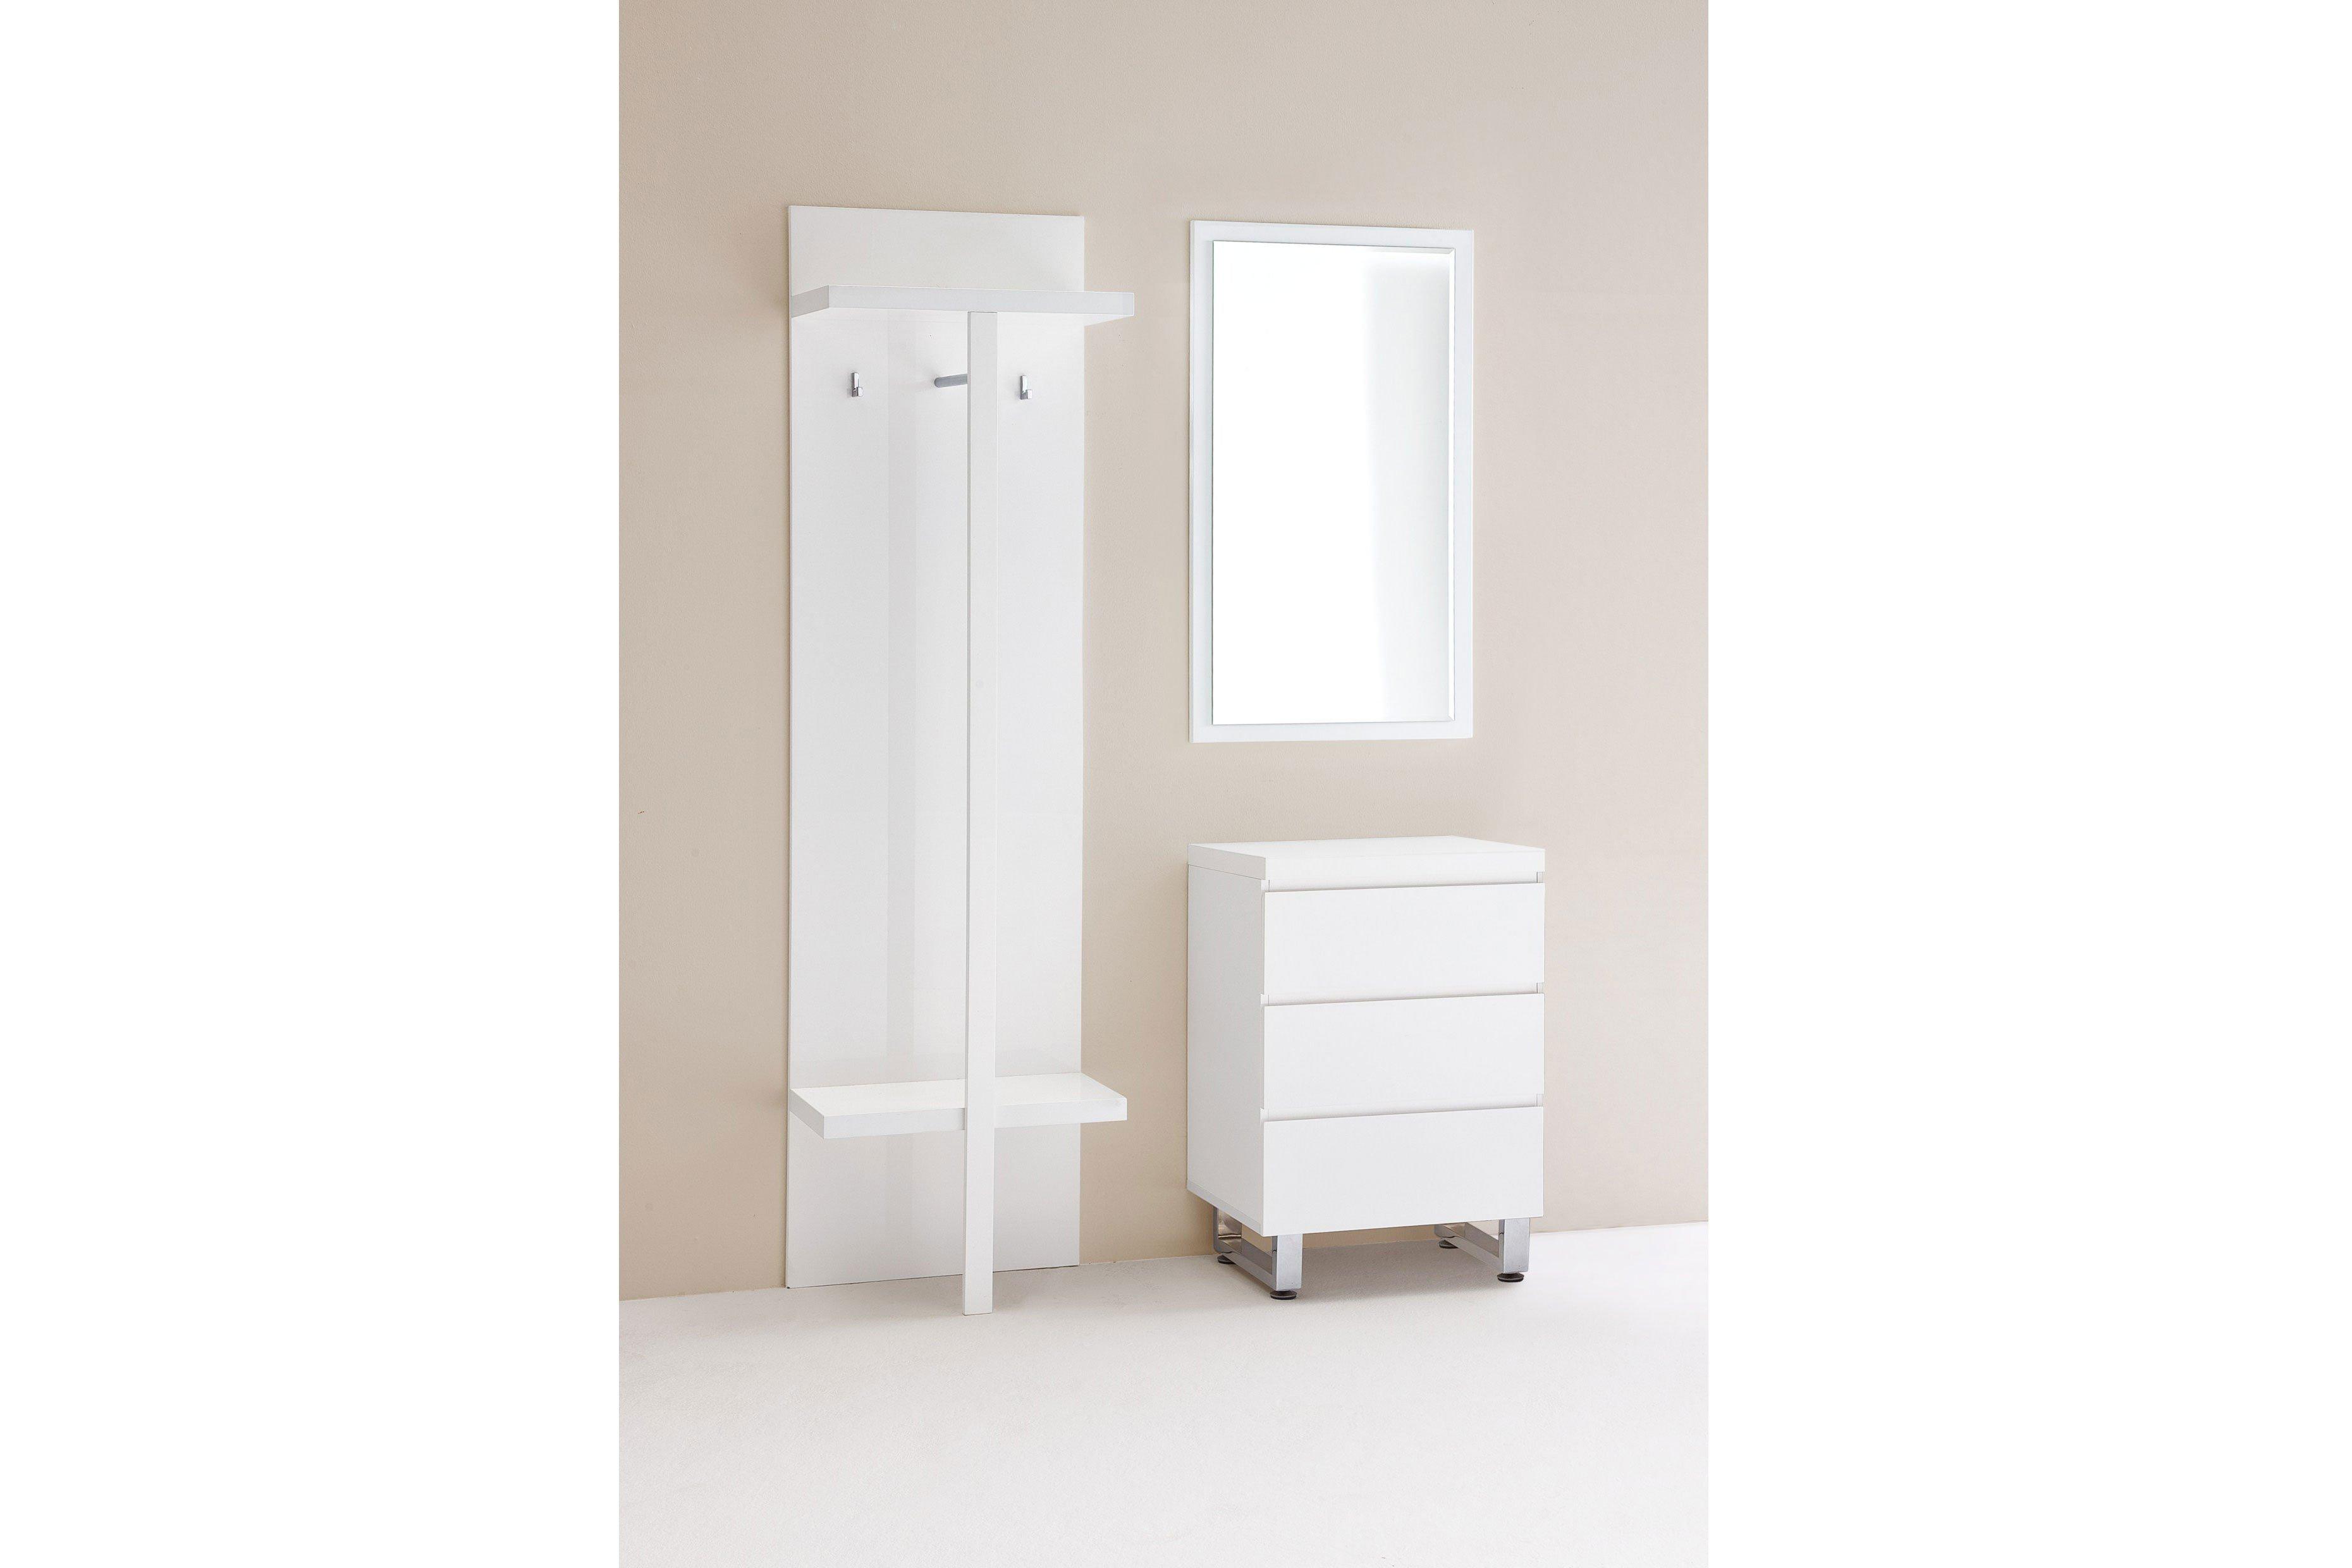 garderobe sydney hochglanz wei mca furniture m bel letz ihr online shop. Black Bedroom Furniture Sets. Home Design Ideas